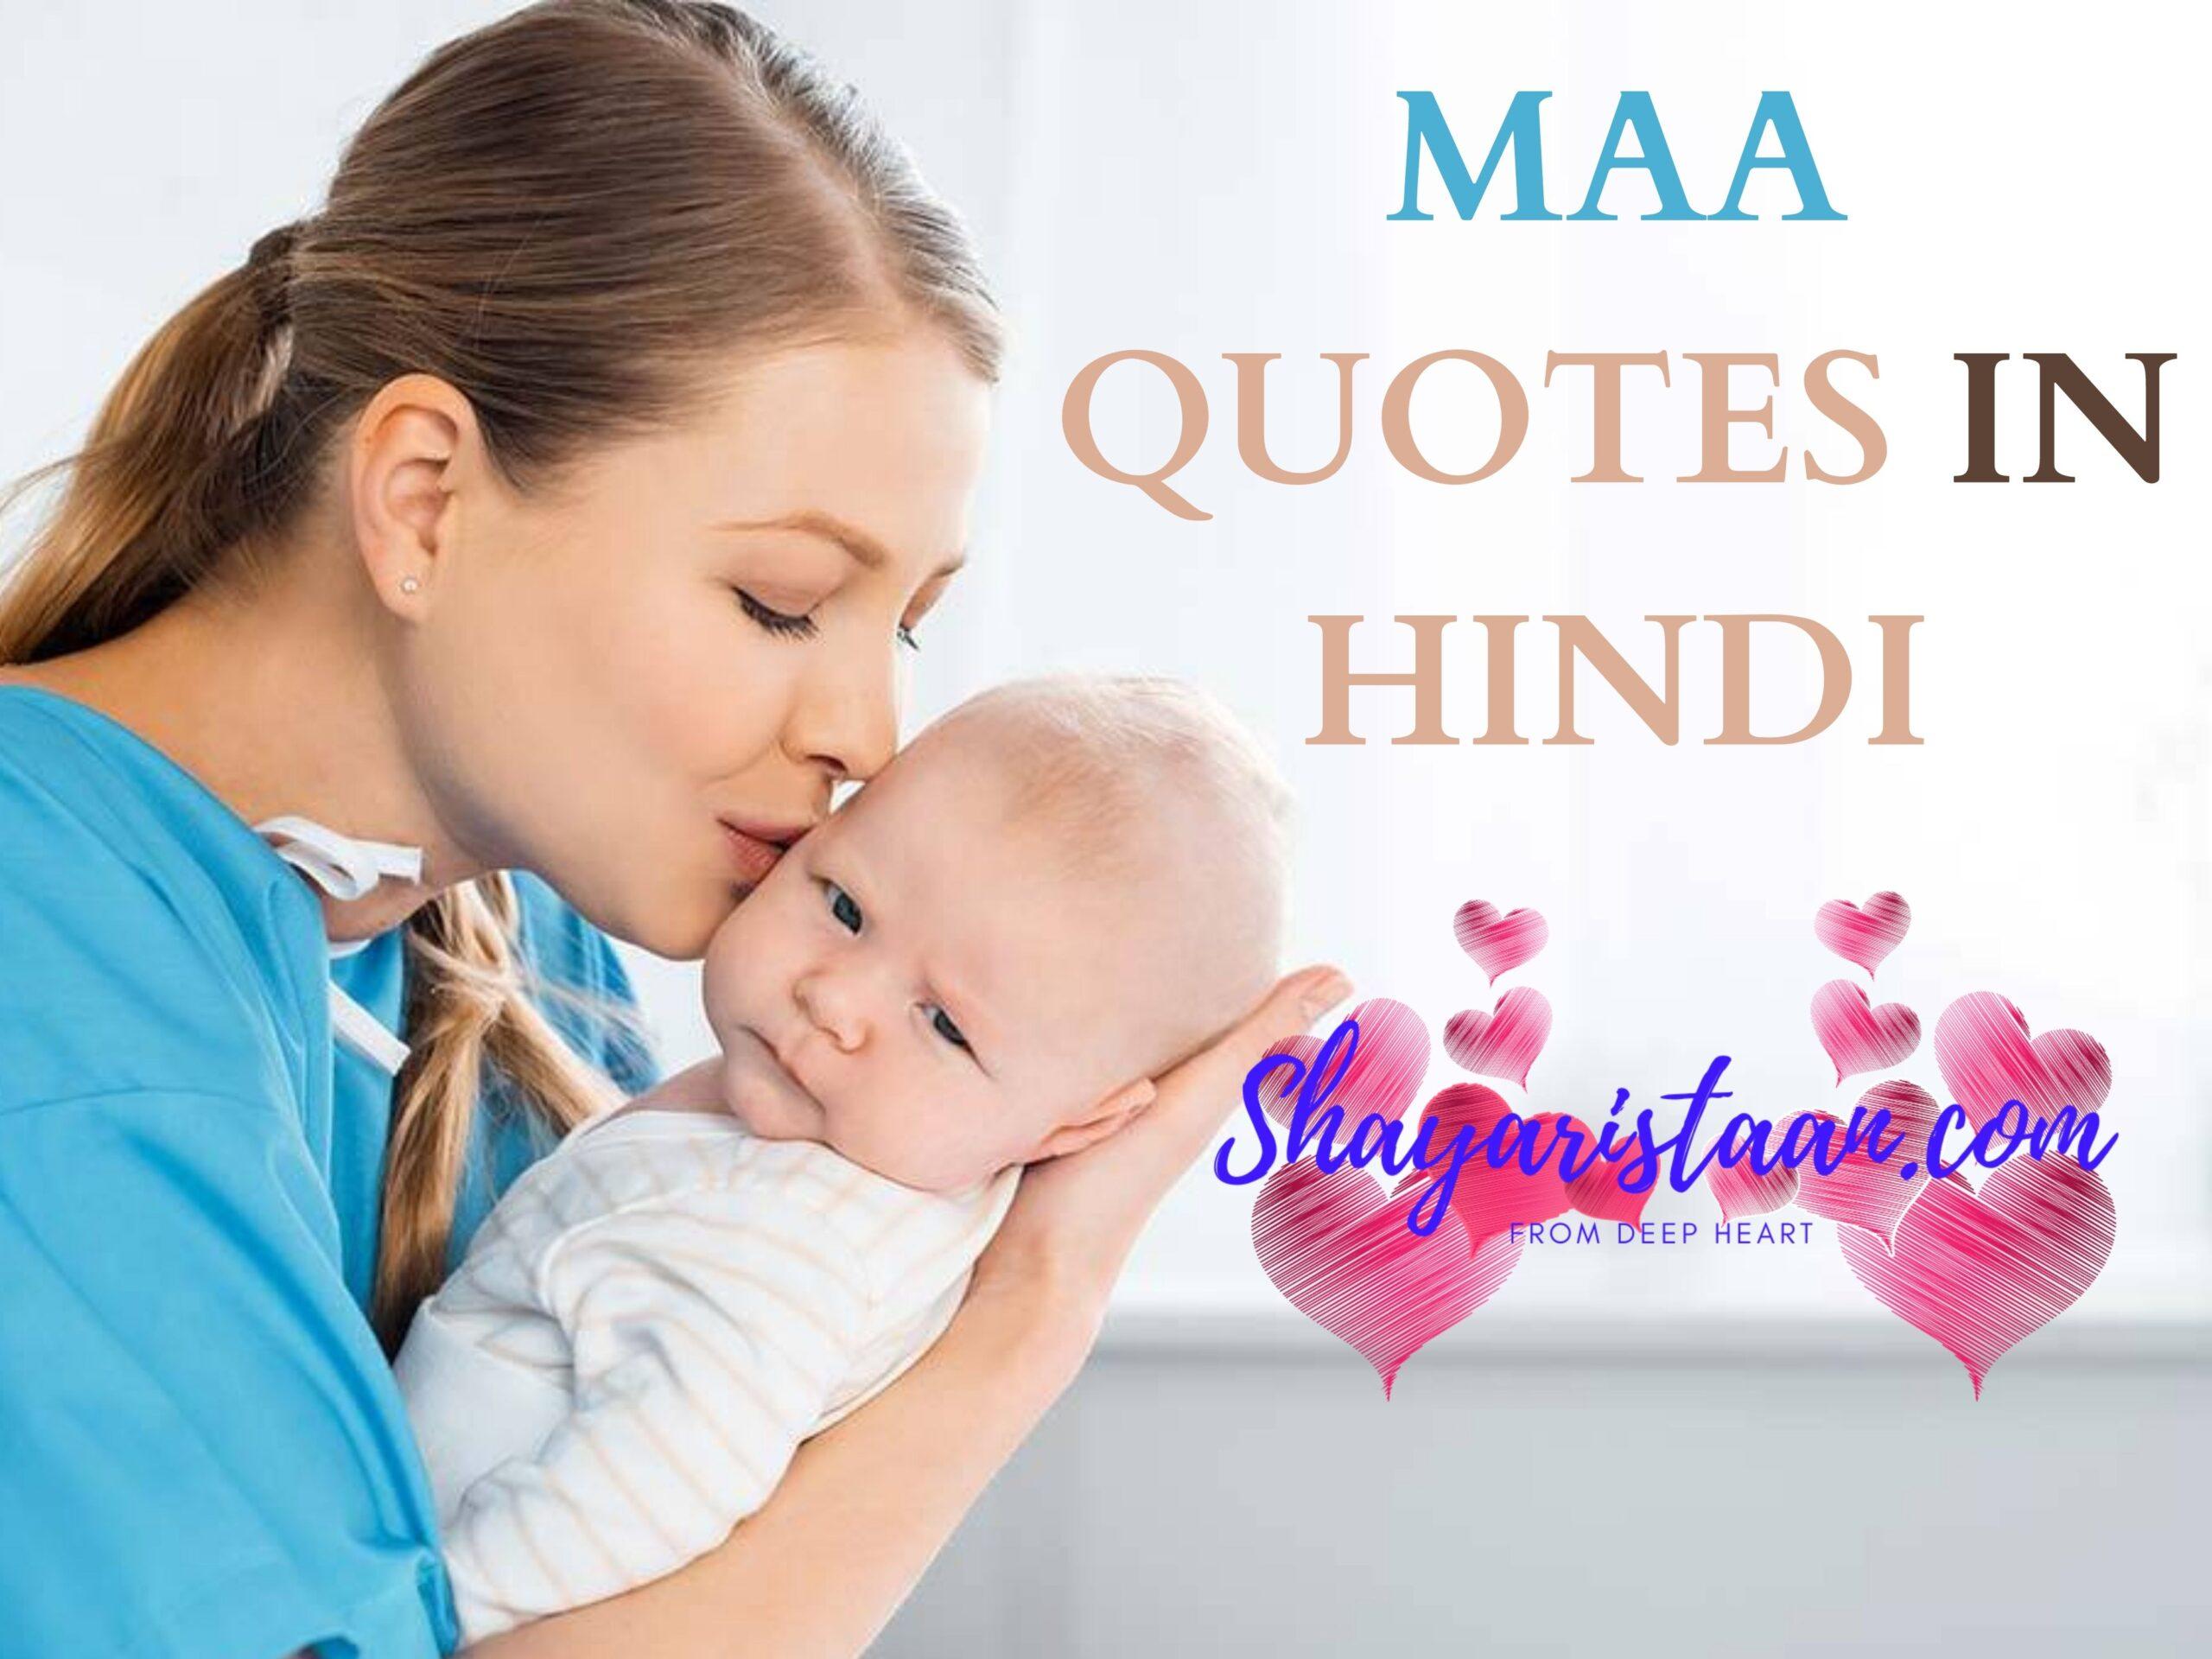 Maa Quotes In Hindi